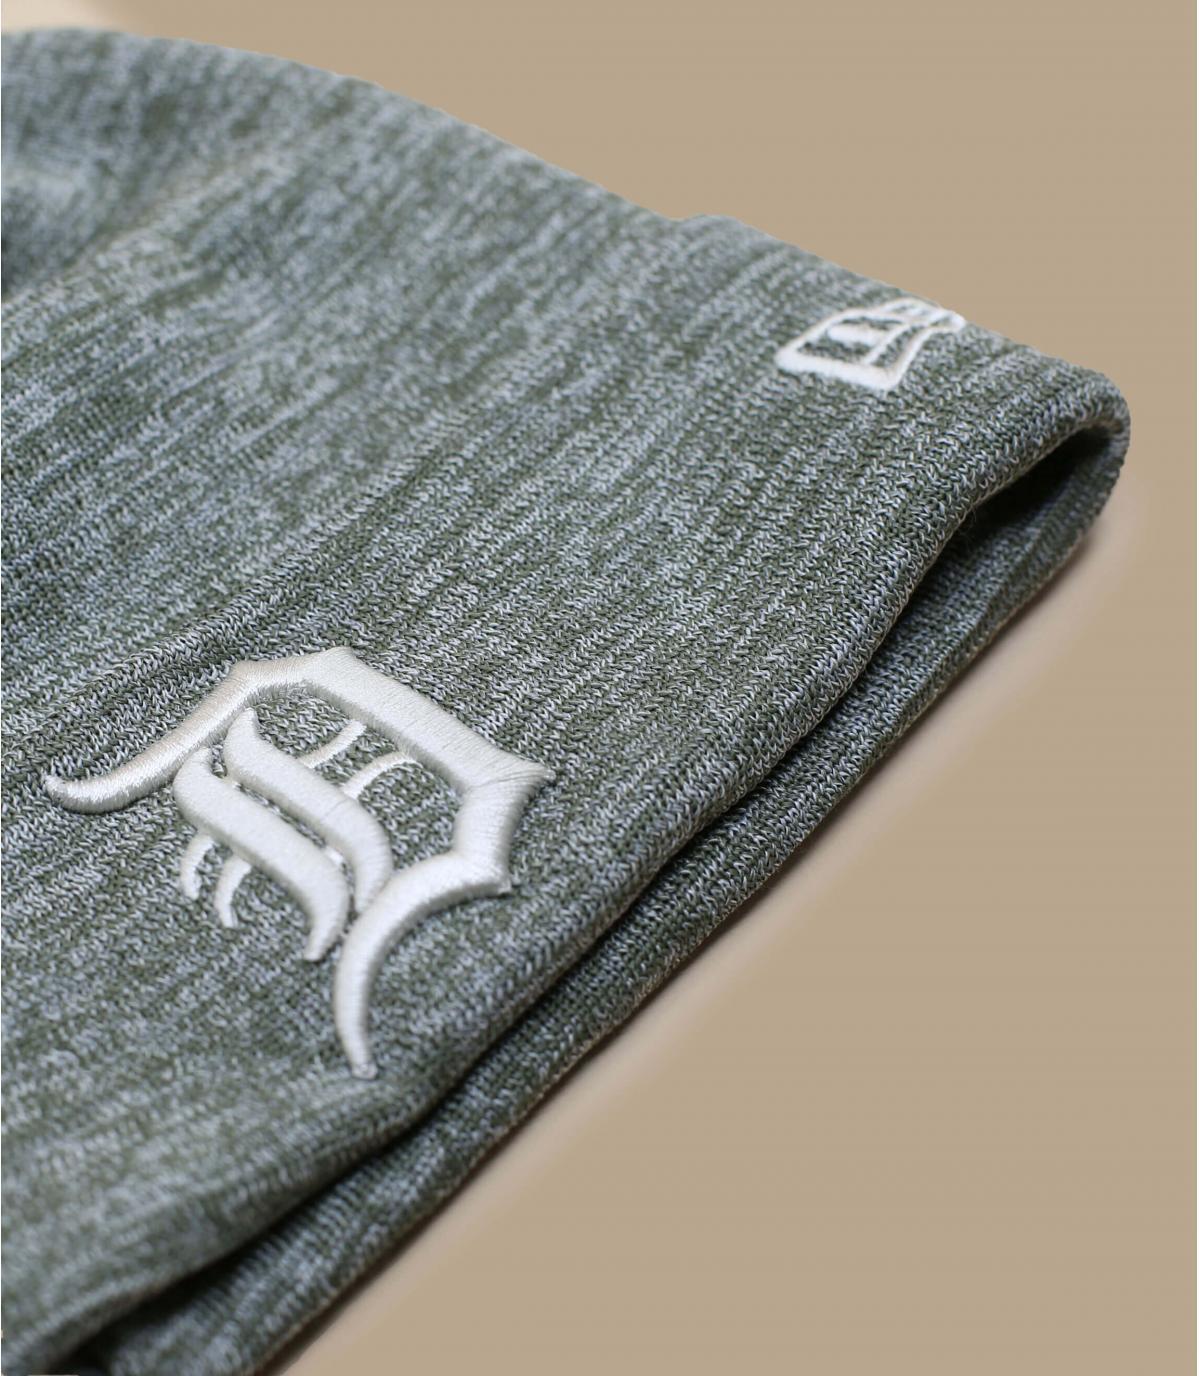 Details Mütze Detroit Enginnered Fit Cuff olive gray - Abbildung 3